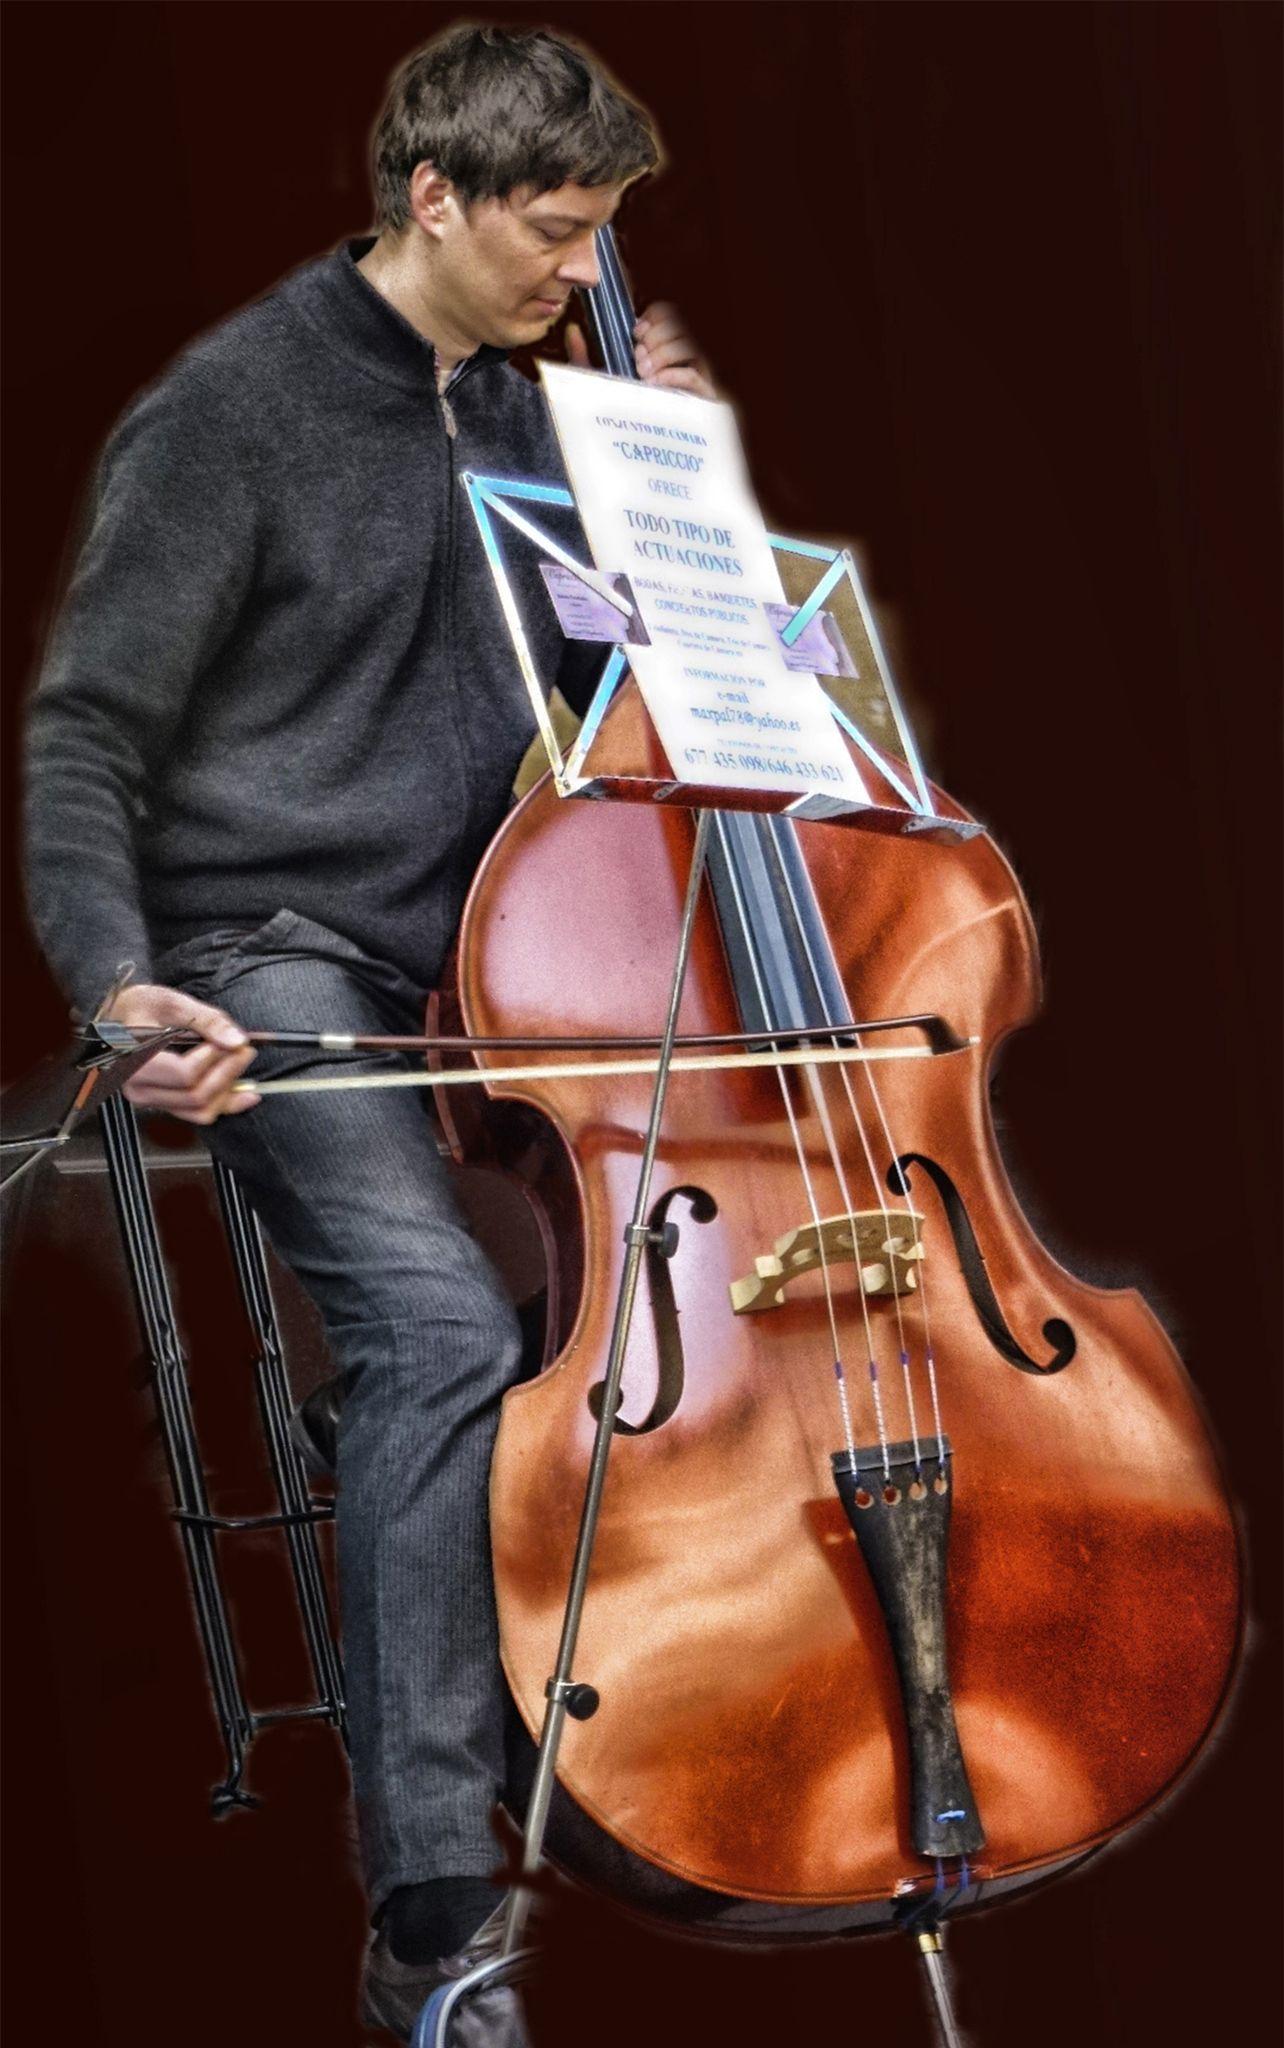 Música en la calle by lolacamachotroyano